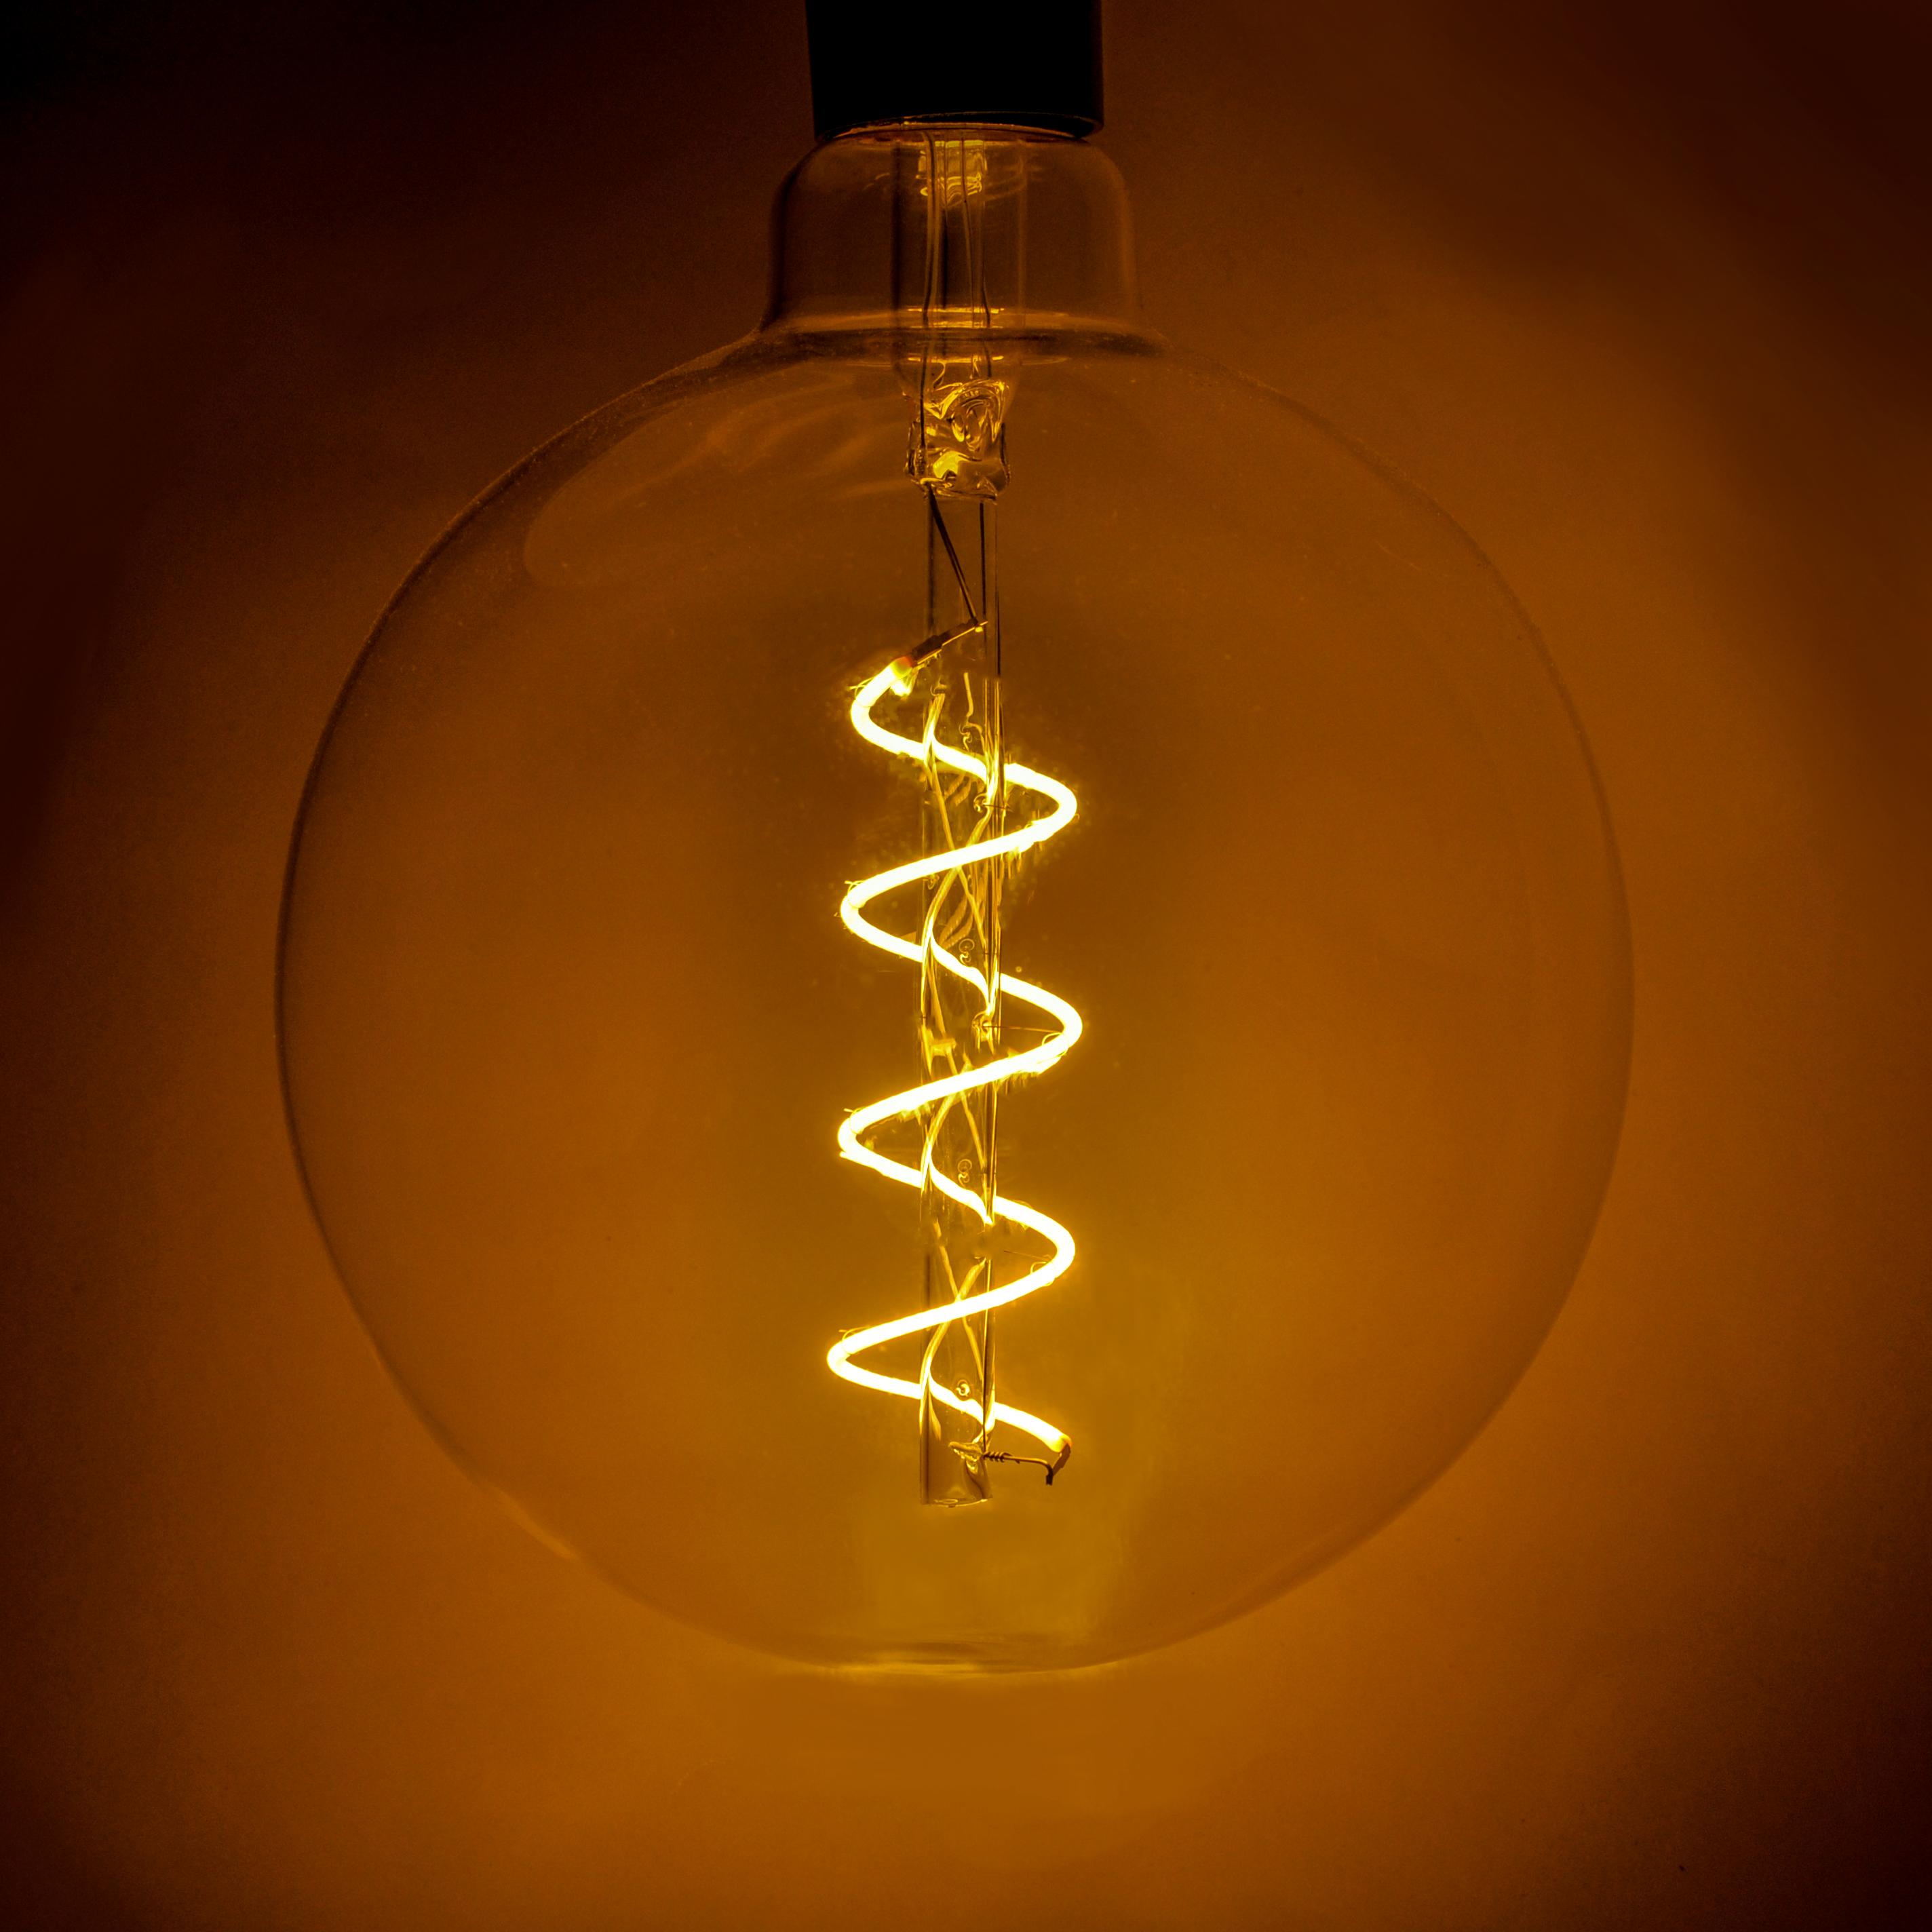 Led G150 6 Inch Spiral Filament 4 Watt Led Light Bulbs Hometown Evolution Inc Dimmable Led Lights Edison Light Bulbs Candelabra Light